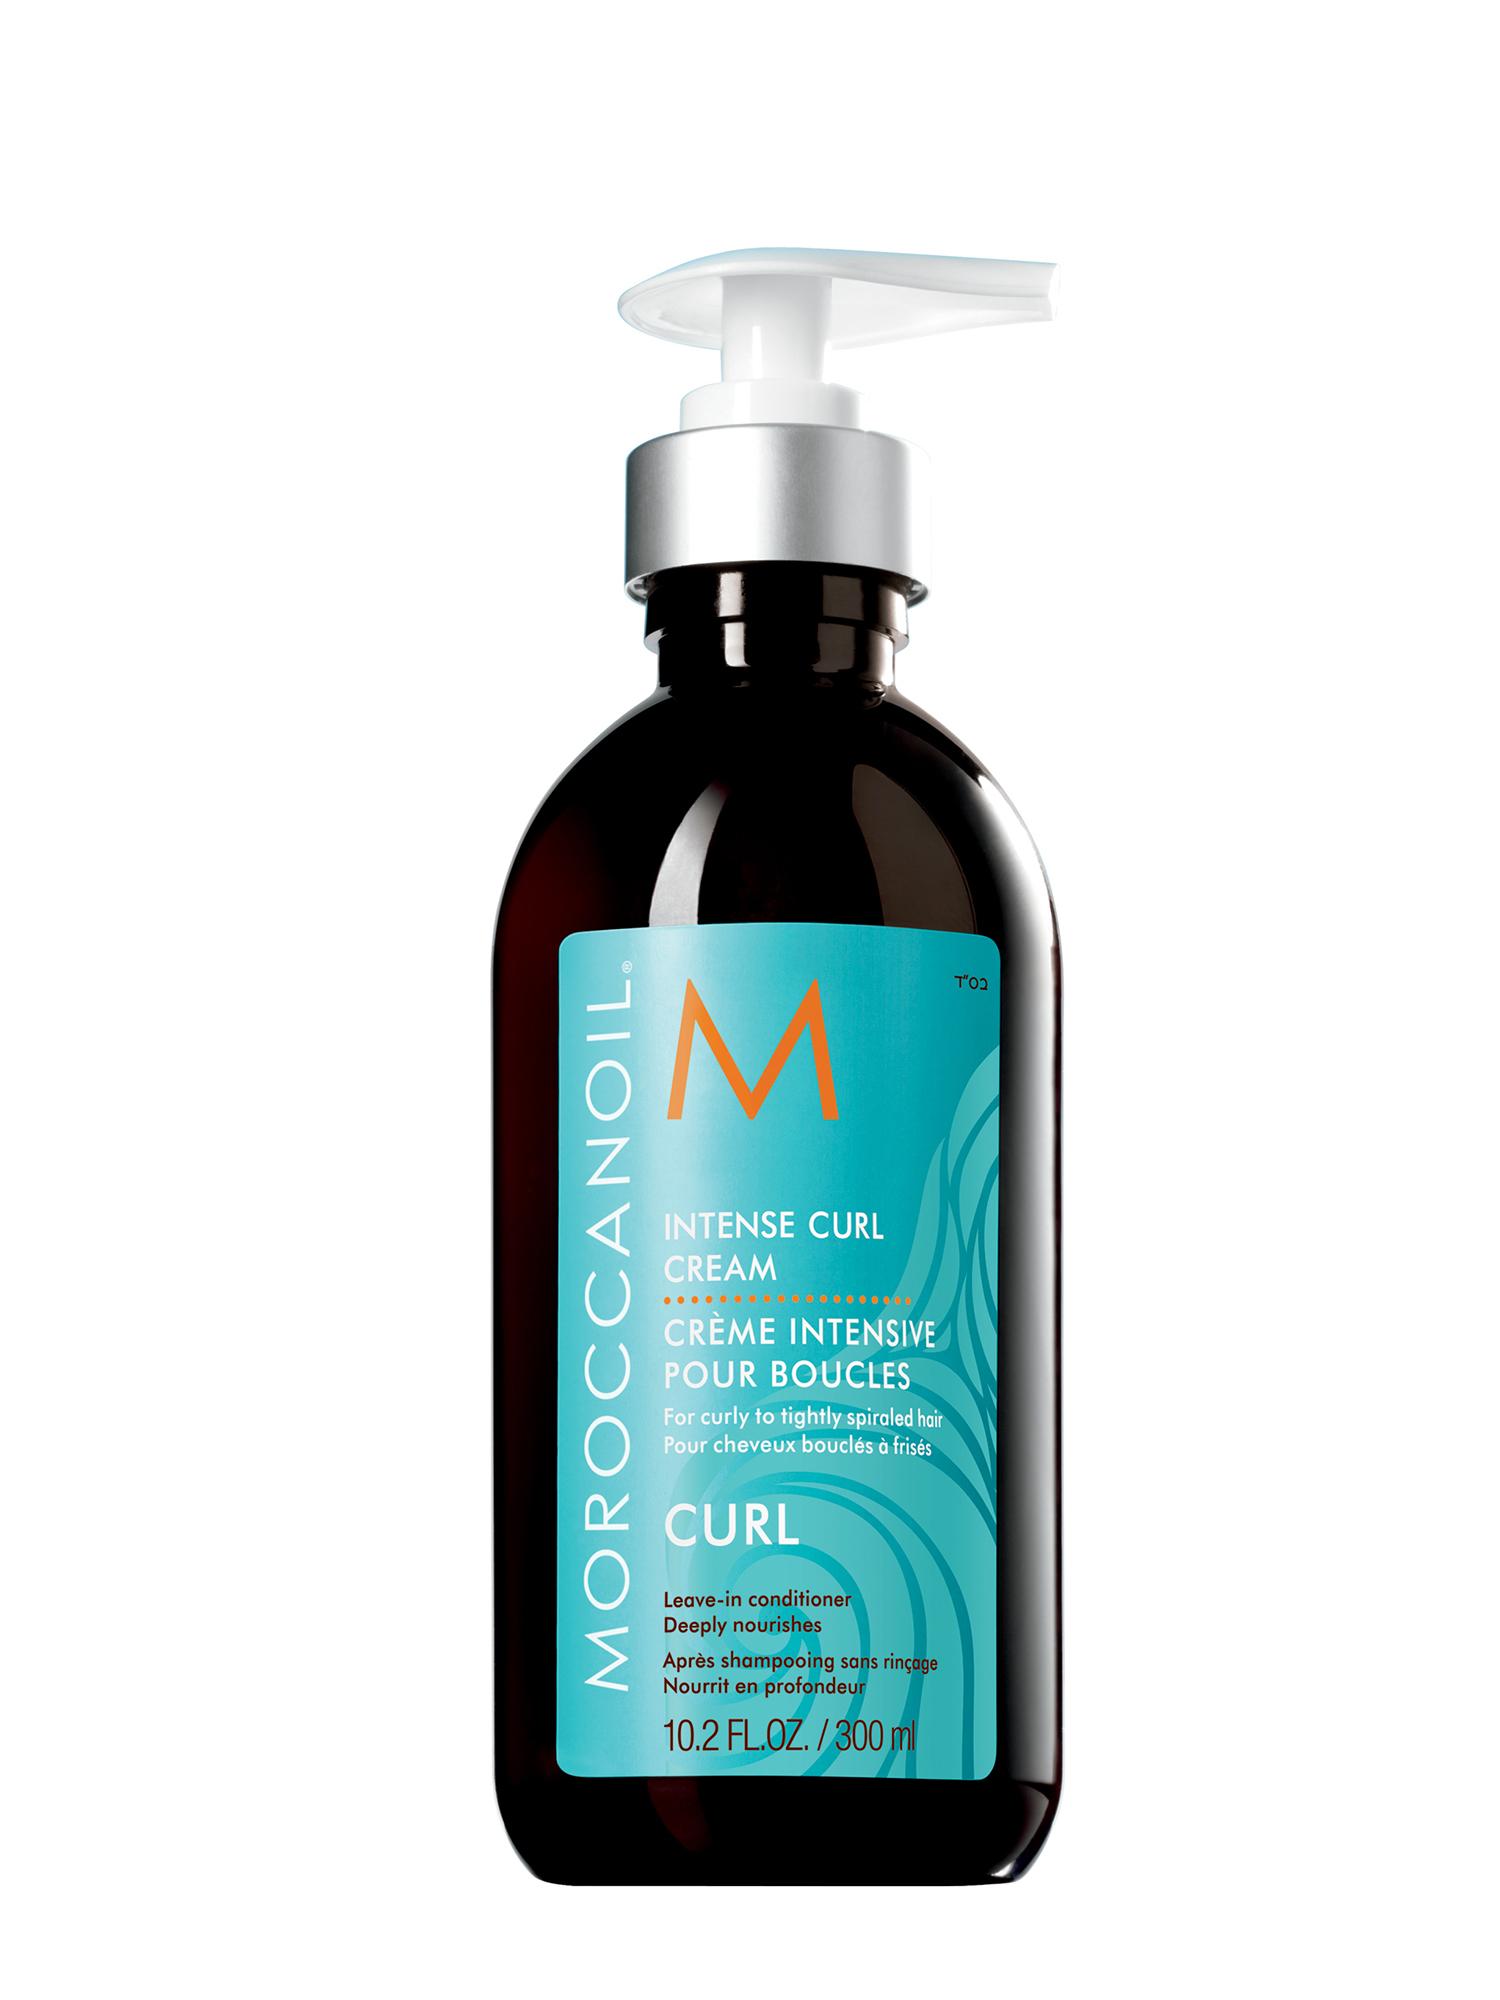 Bezoplachová péče pro vlnité vlasy Moroccanoil Intense Curl - 300 ml (INTCC300ML, ICC300) + DÁREK ZDARMA